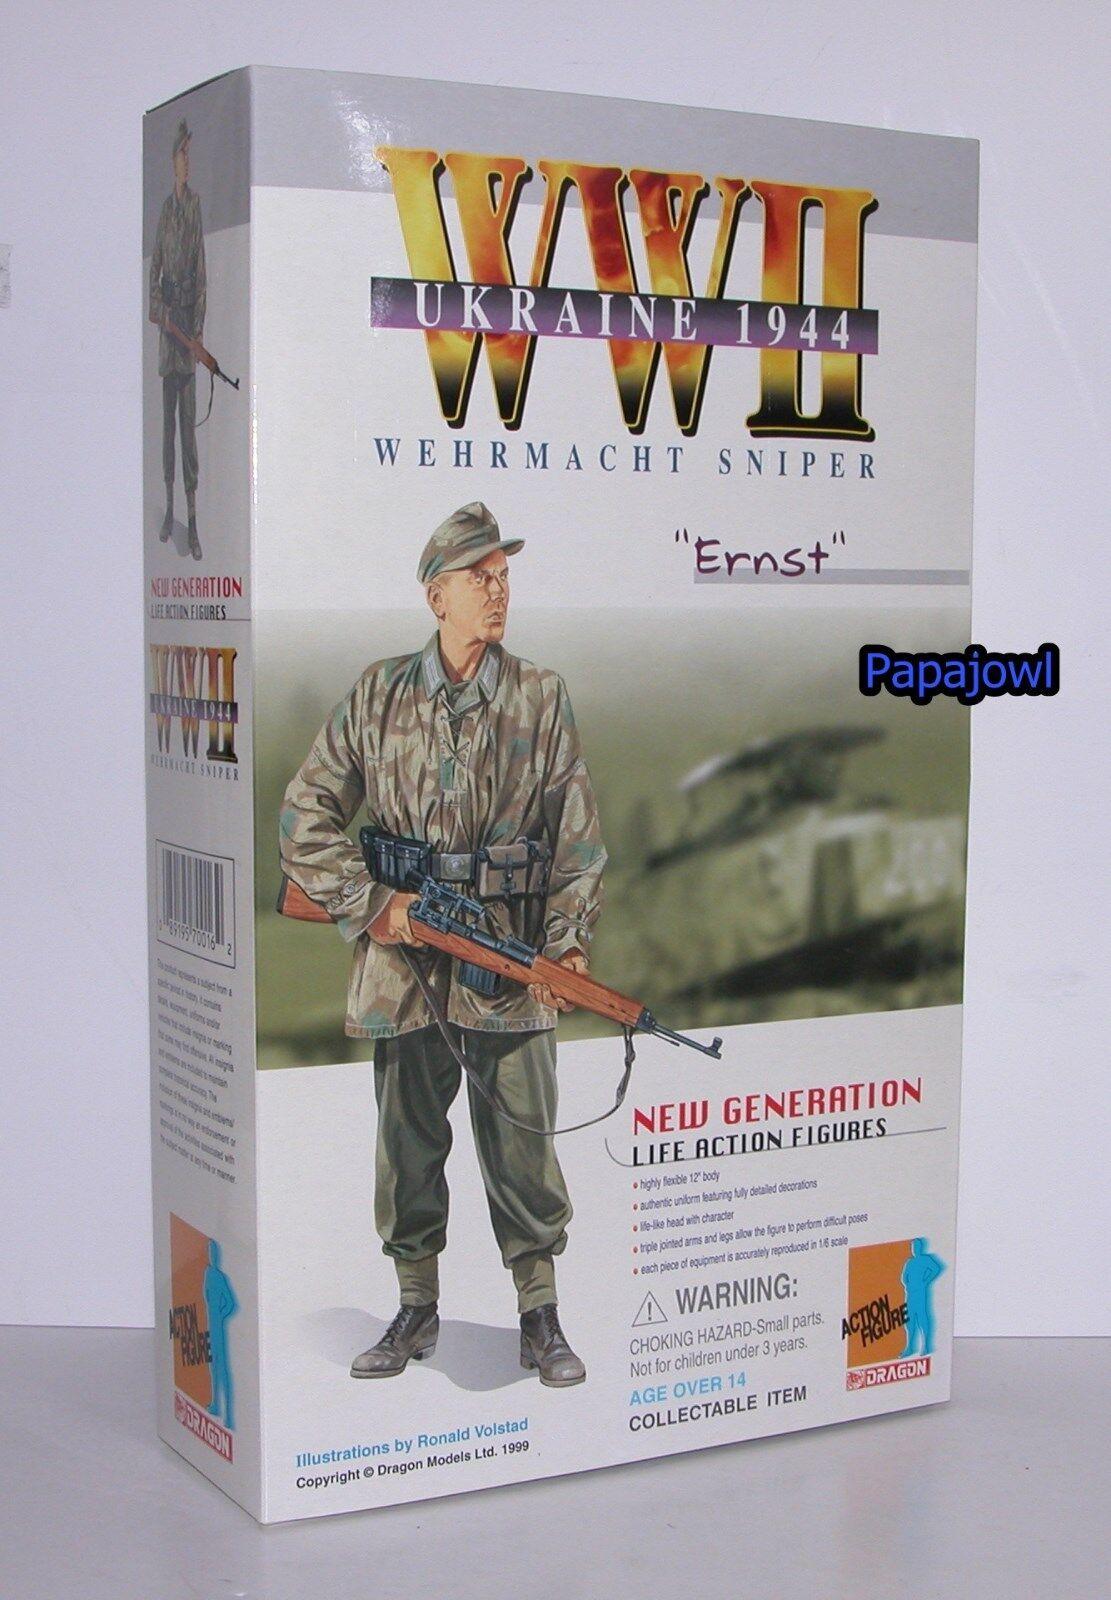 New Generation Dragon WWII Ukraine 1944 Wehrmacht Sniper  Ernst  12  Figure